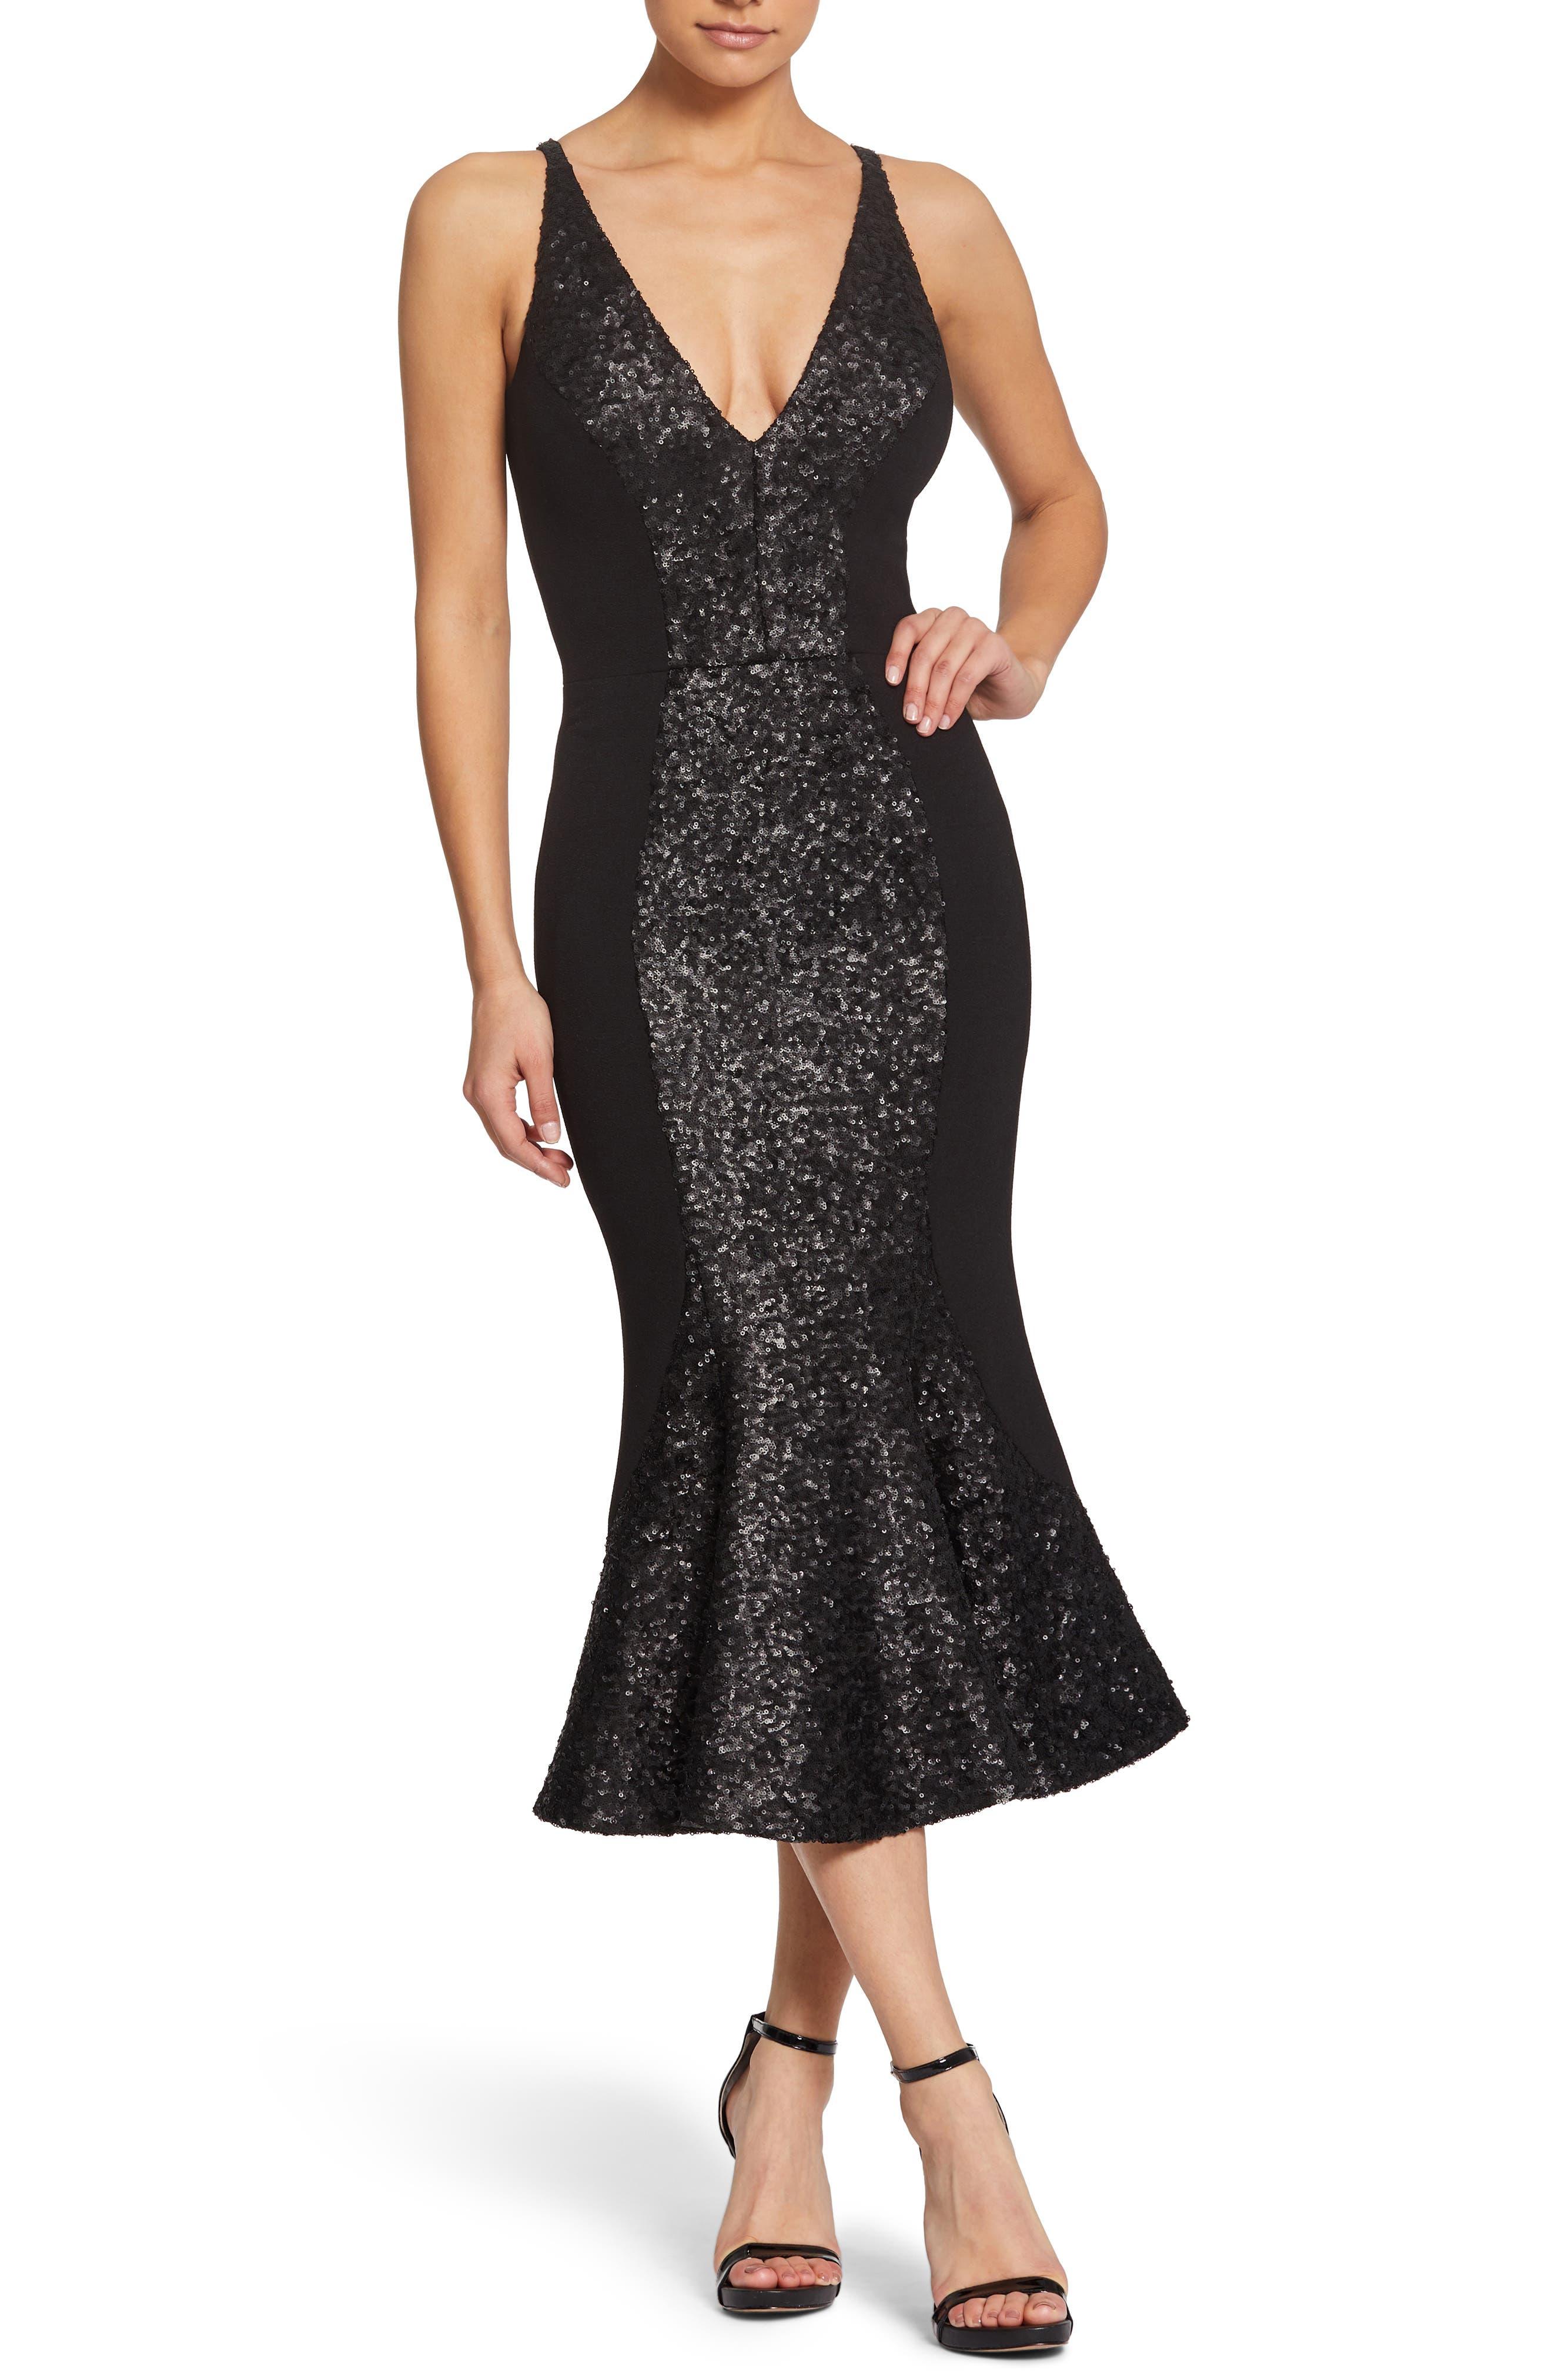 1950s Cocktail Dresses, Party Dresses Womens Dress The Population Kyle Embellished Midi Dress Size Medium - Black $288.00 AT vintagedancer.com